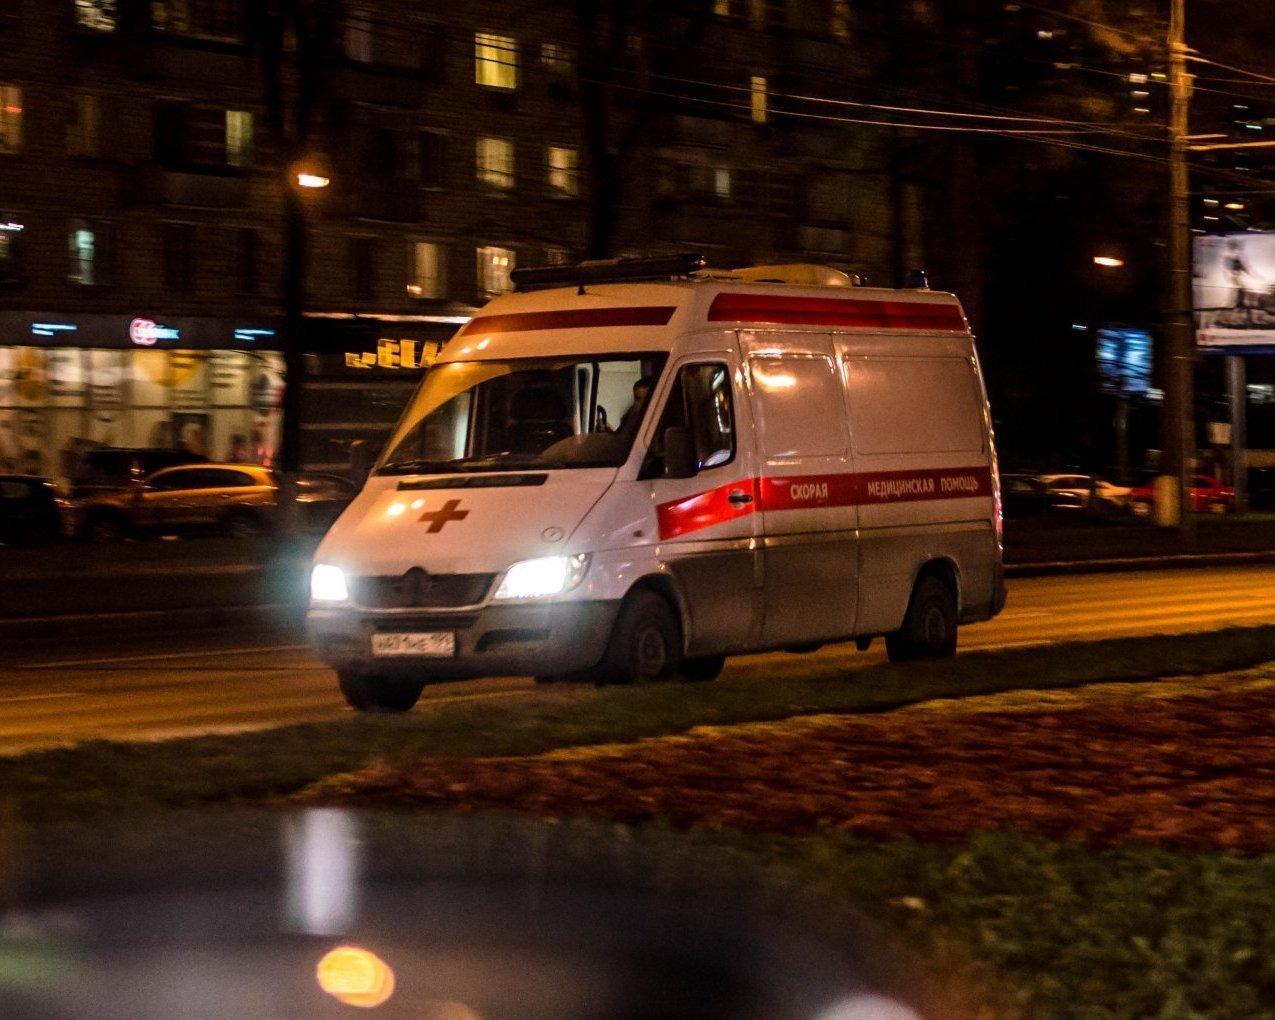 В Киеве неадекватный мужчина в одних трусах кидался под грузовик: фото с места событий